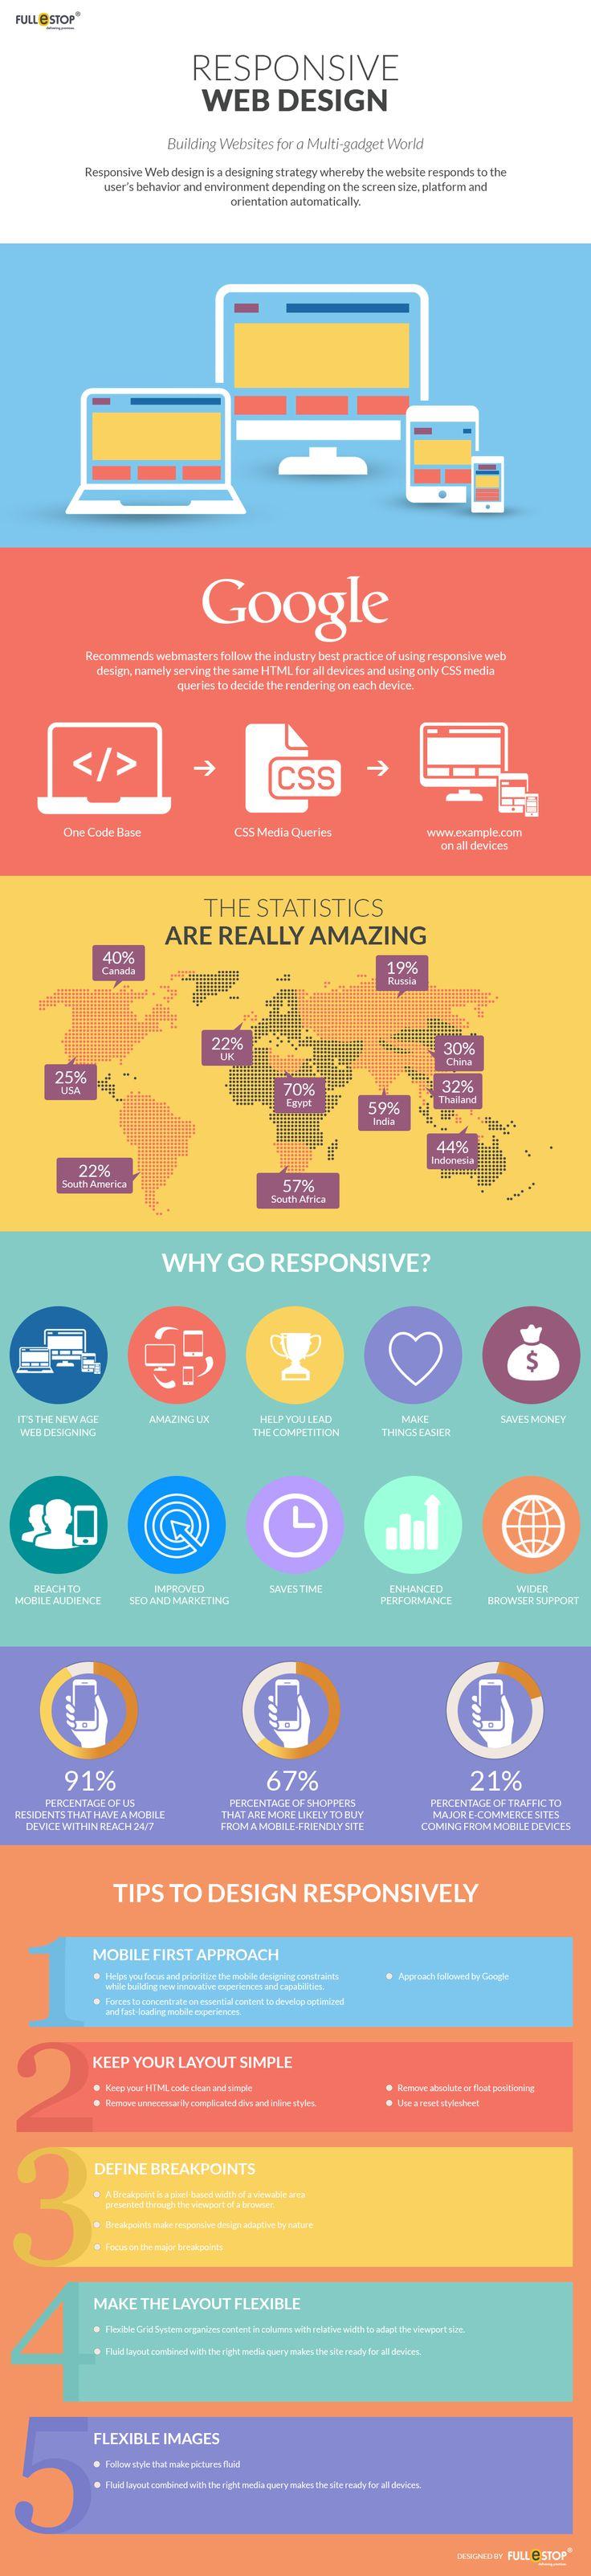 Responsive Website Design. #responsiveweb